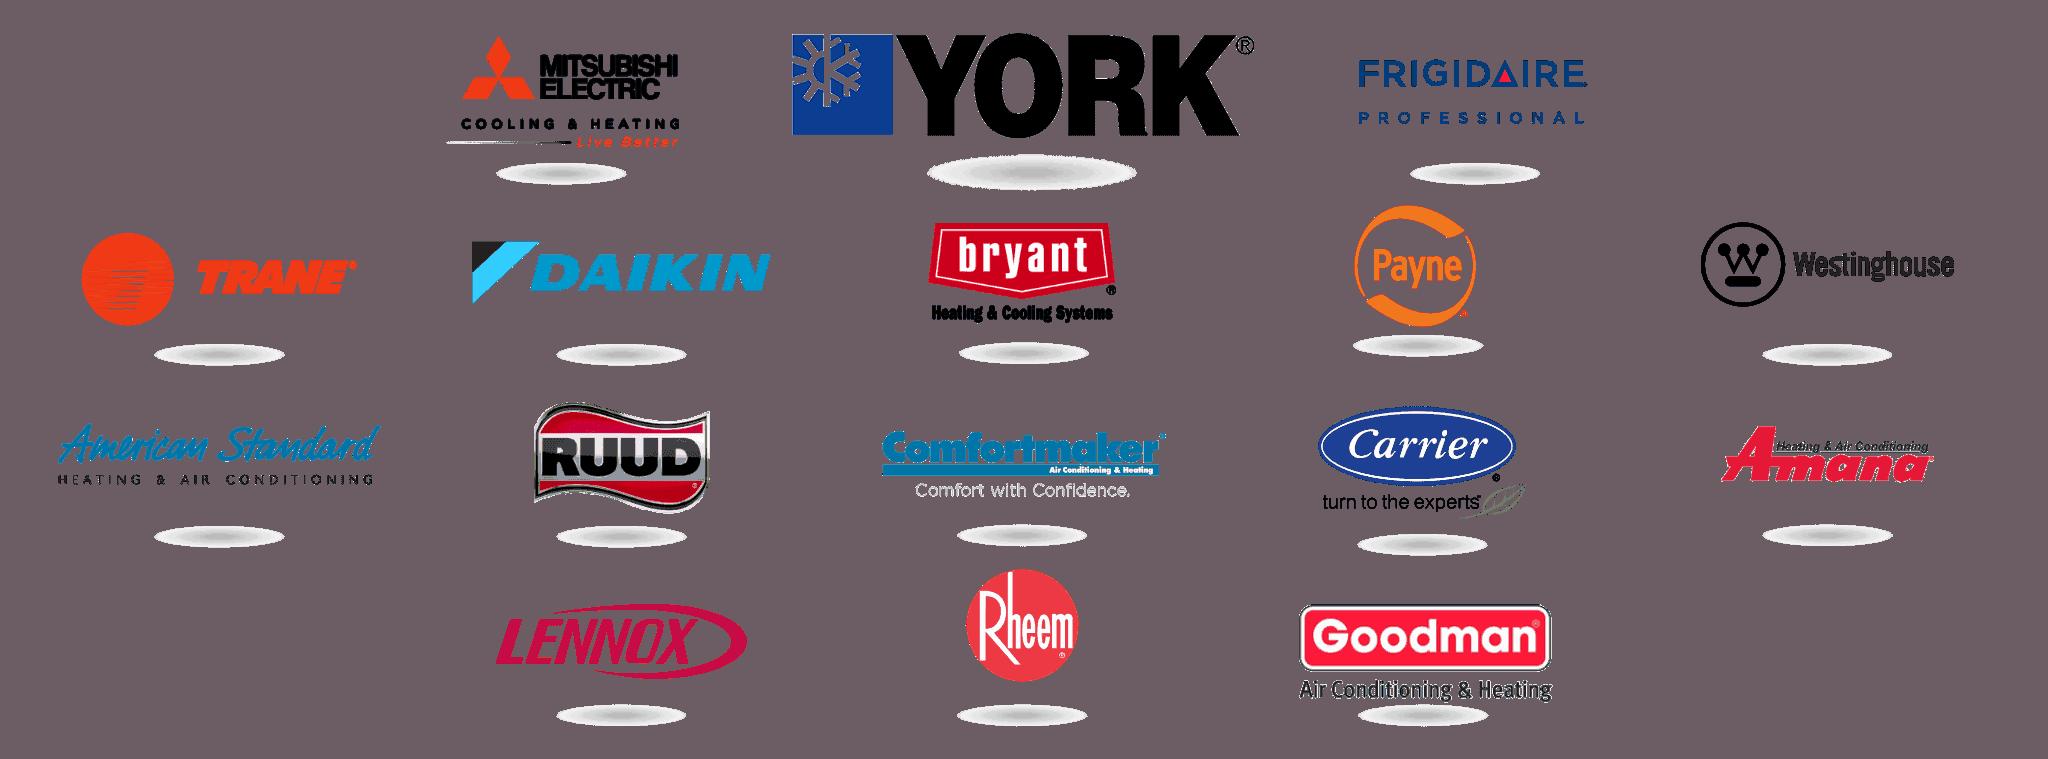 dunco-all-brands-horizontal